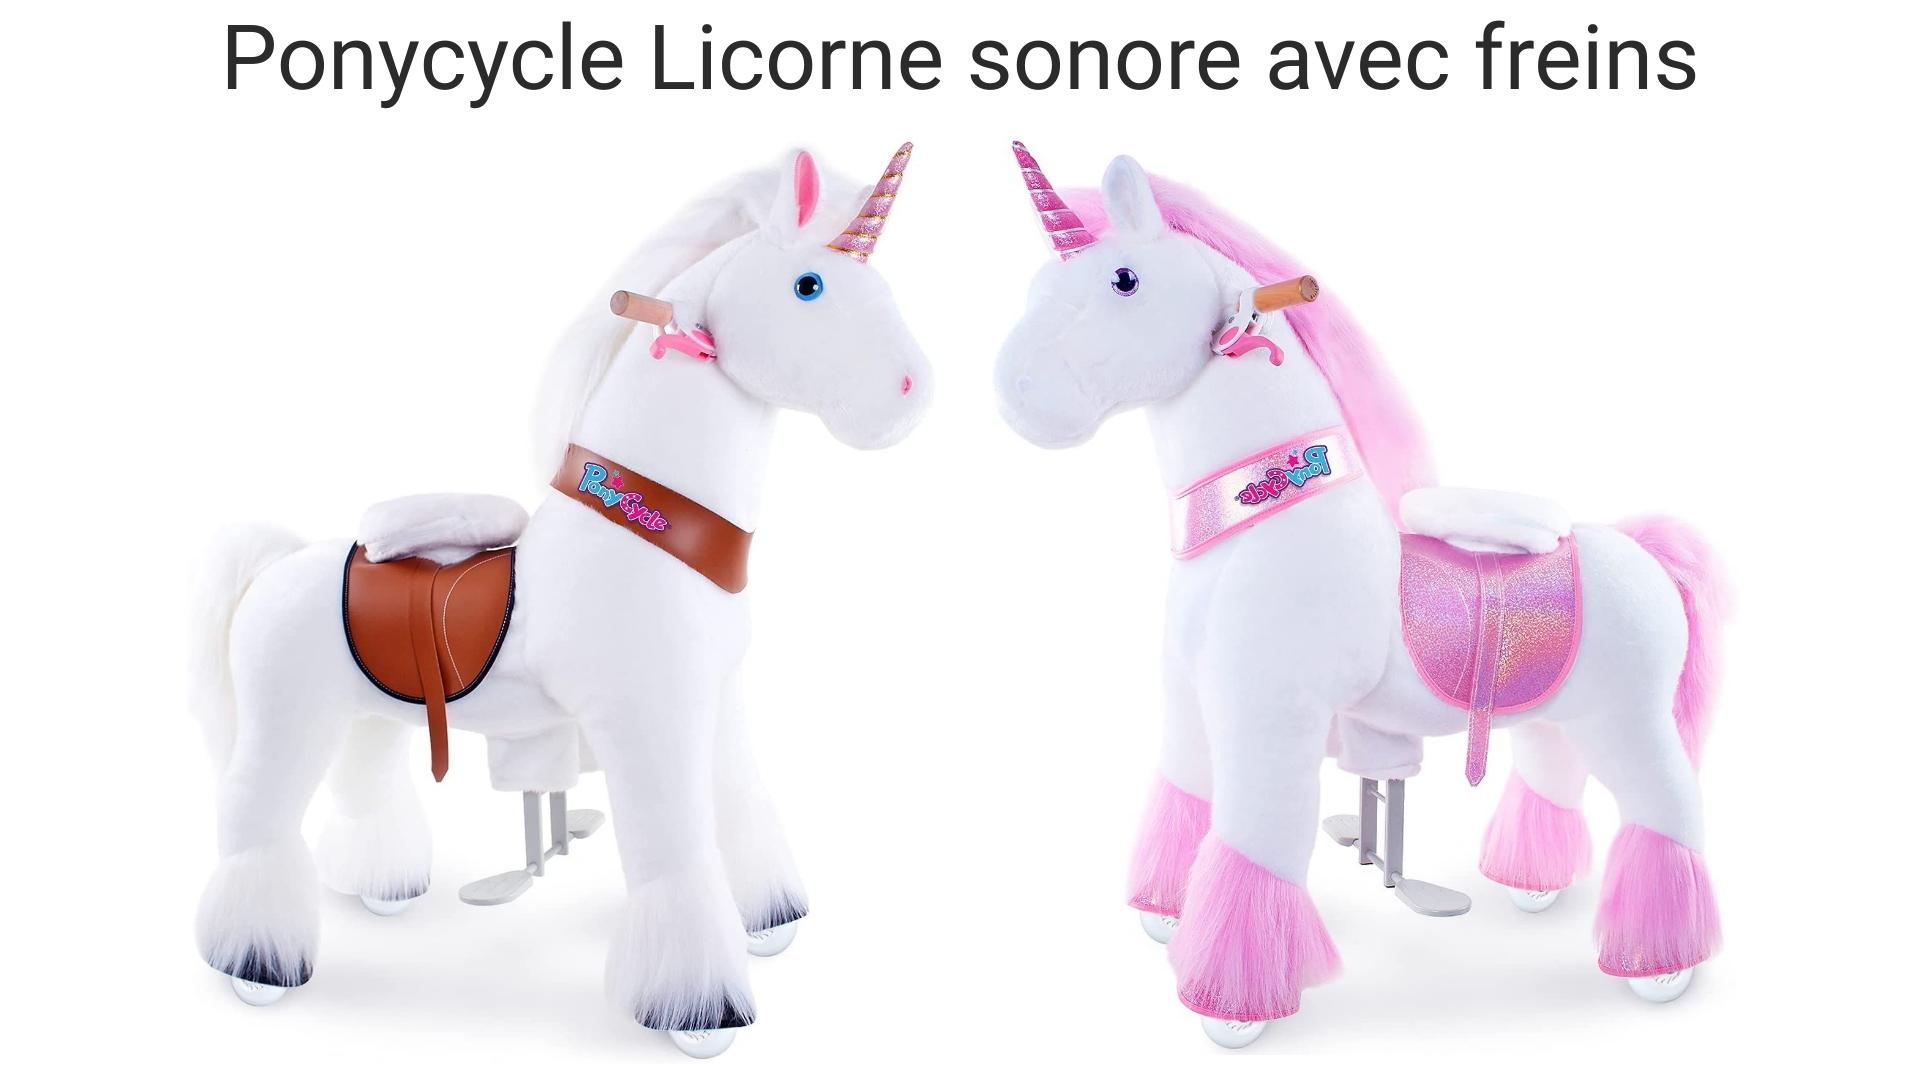 Ces licornes ponycycle ont des freins et font des sons réalistes.